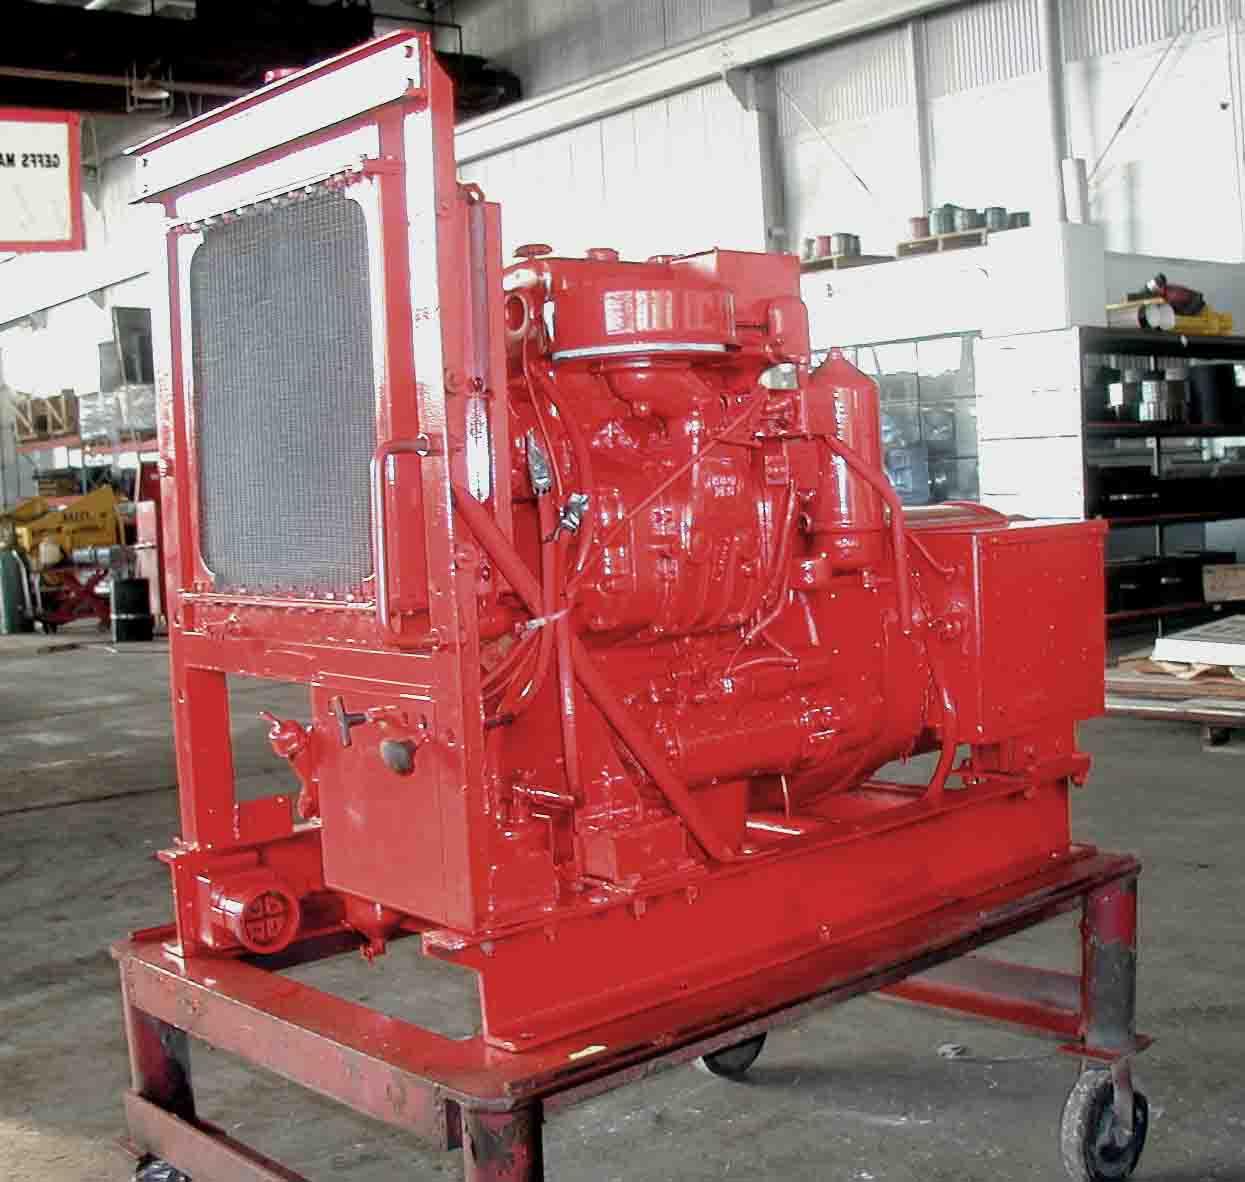 Detroit Diesel 2-71 Generator in Red